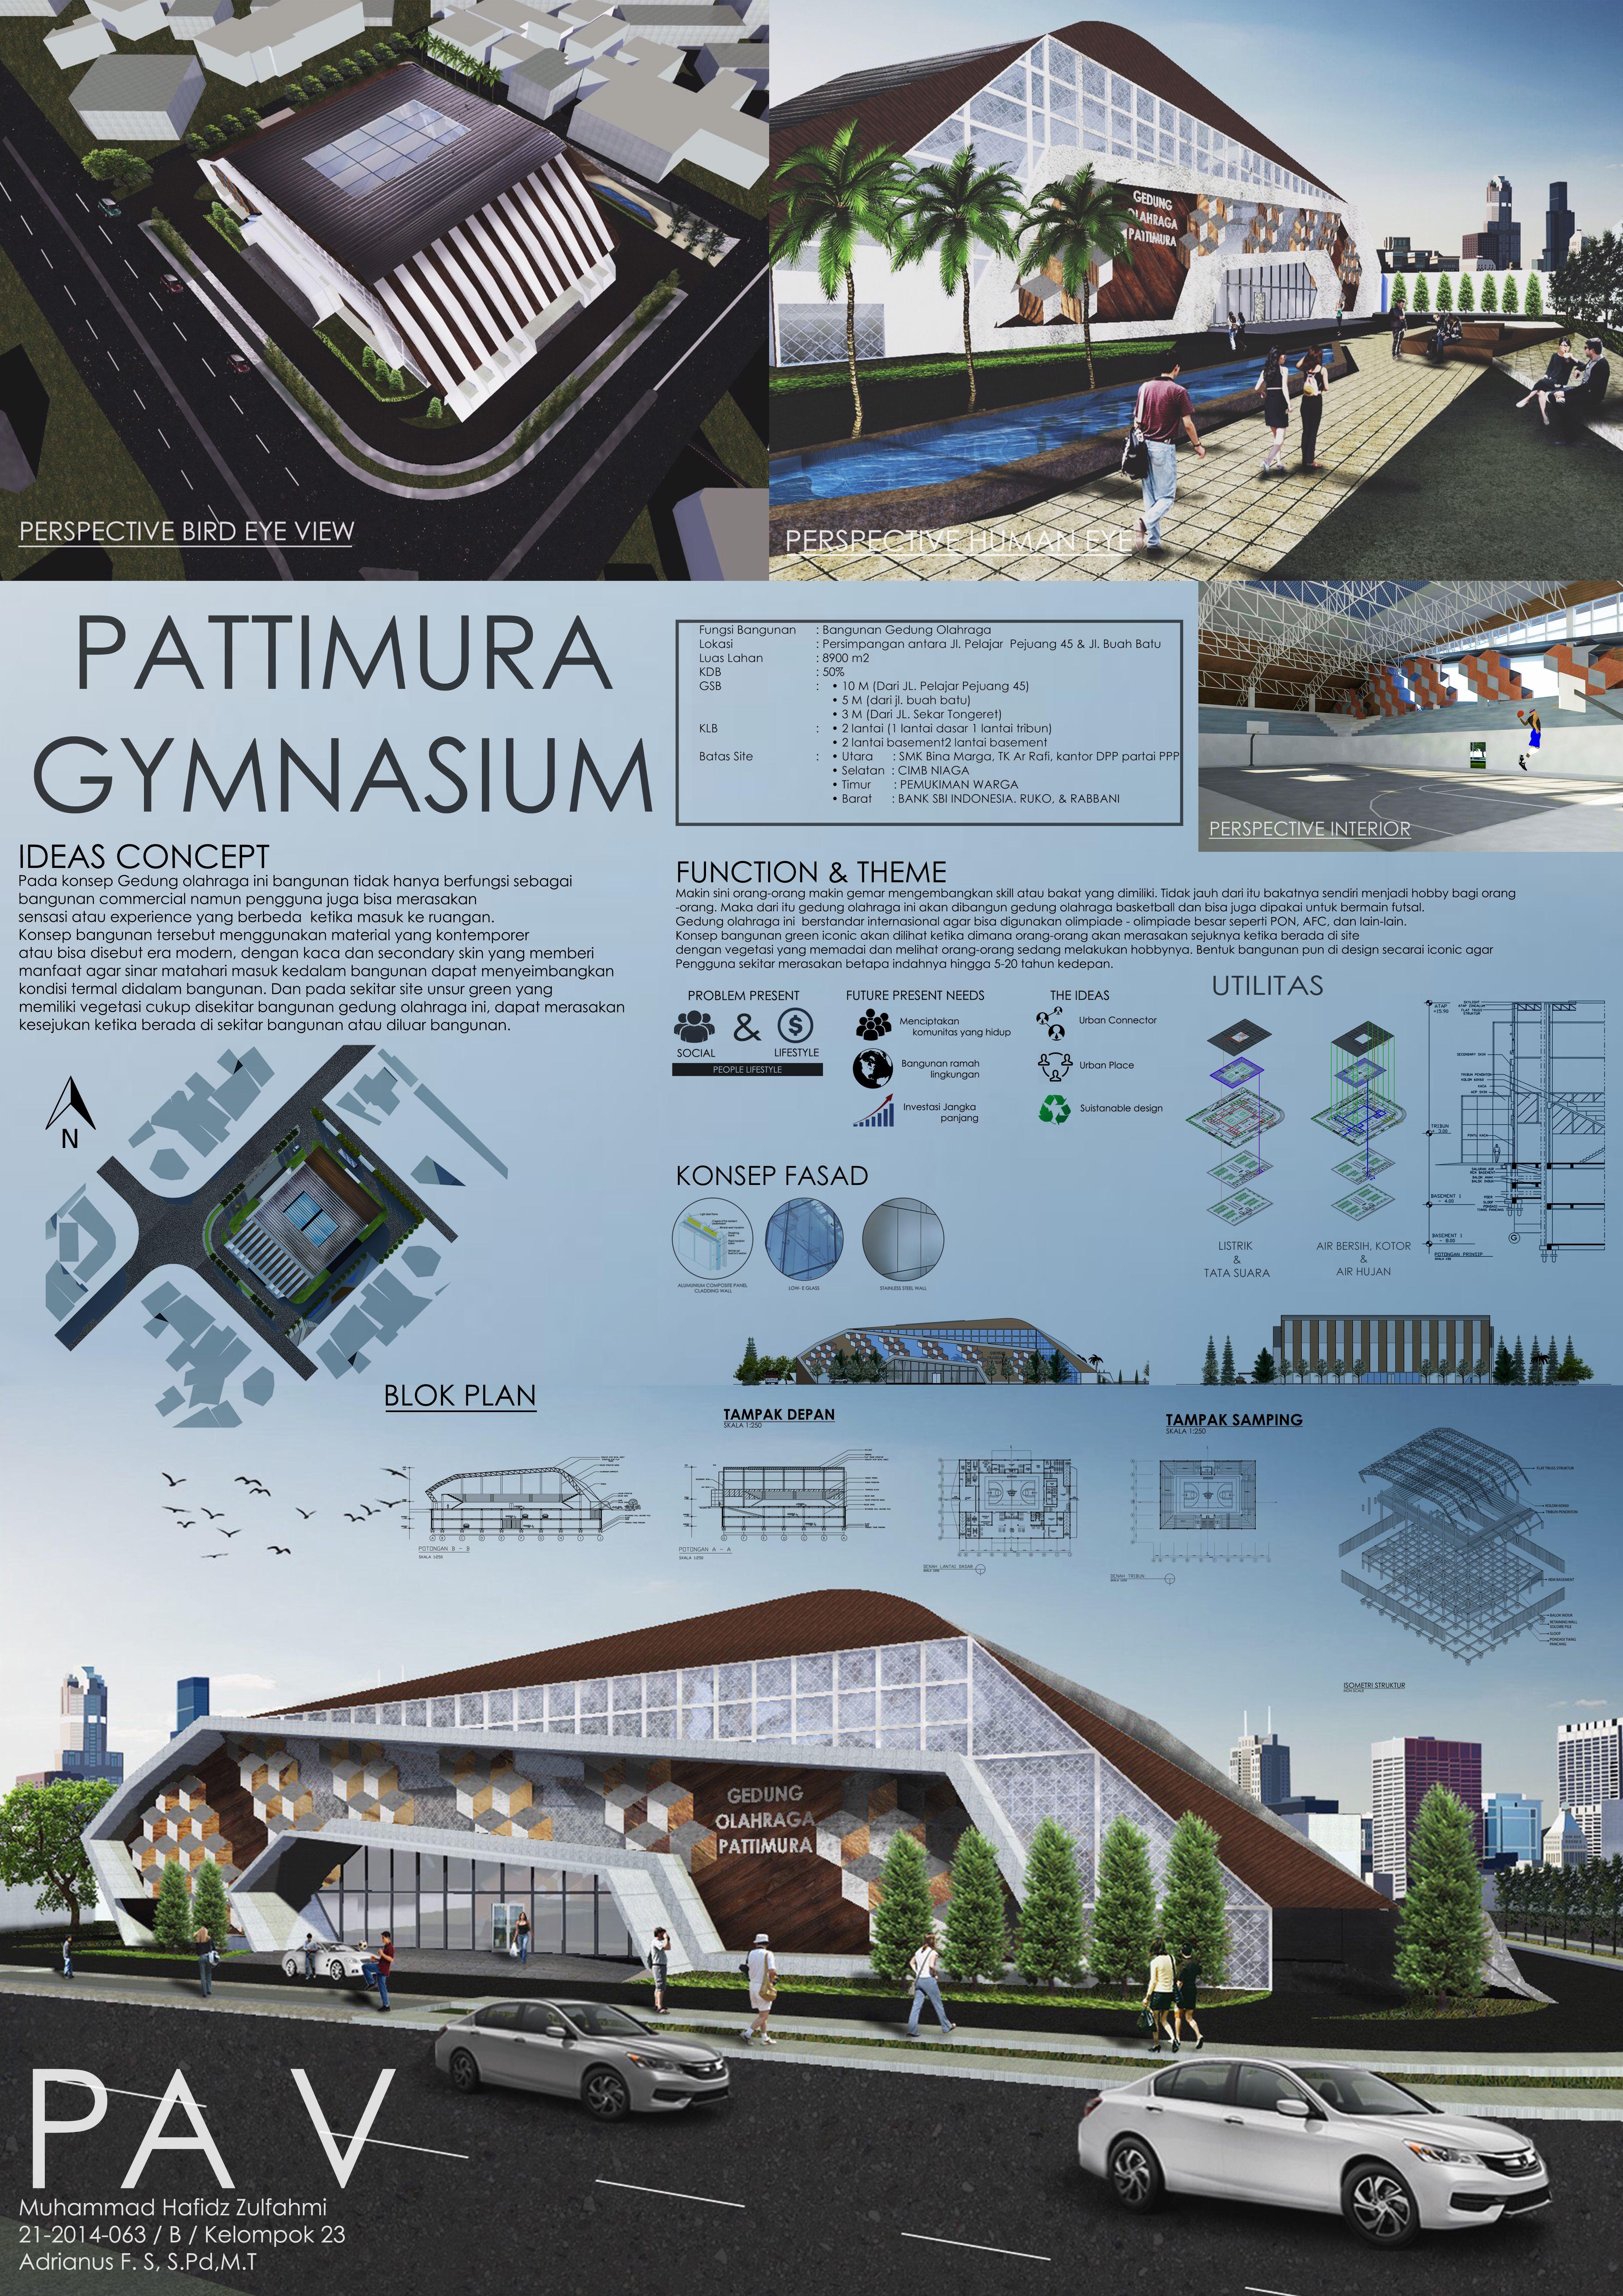 Arsitektur Modern Arsitektur Desain Arsitektur: My Portofolio Perancangan Arsitektur 5 Gymnasium Building